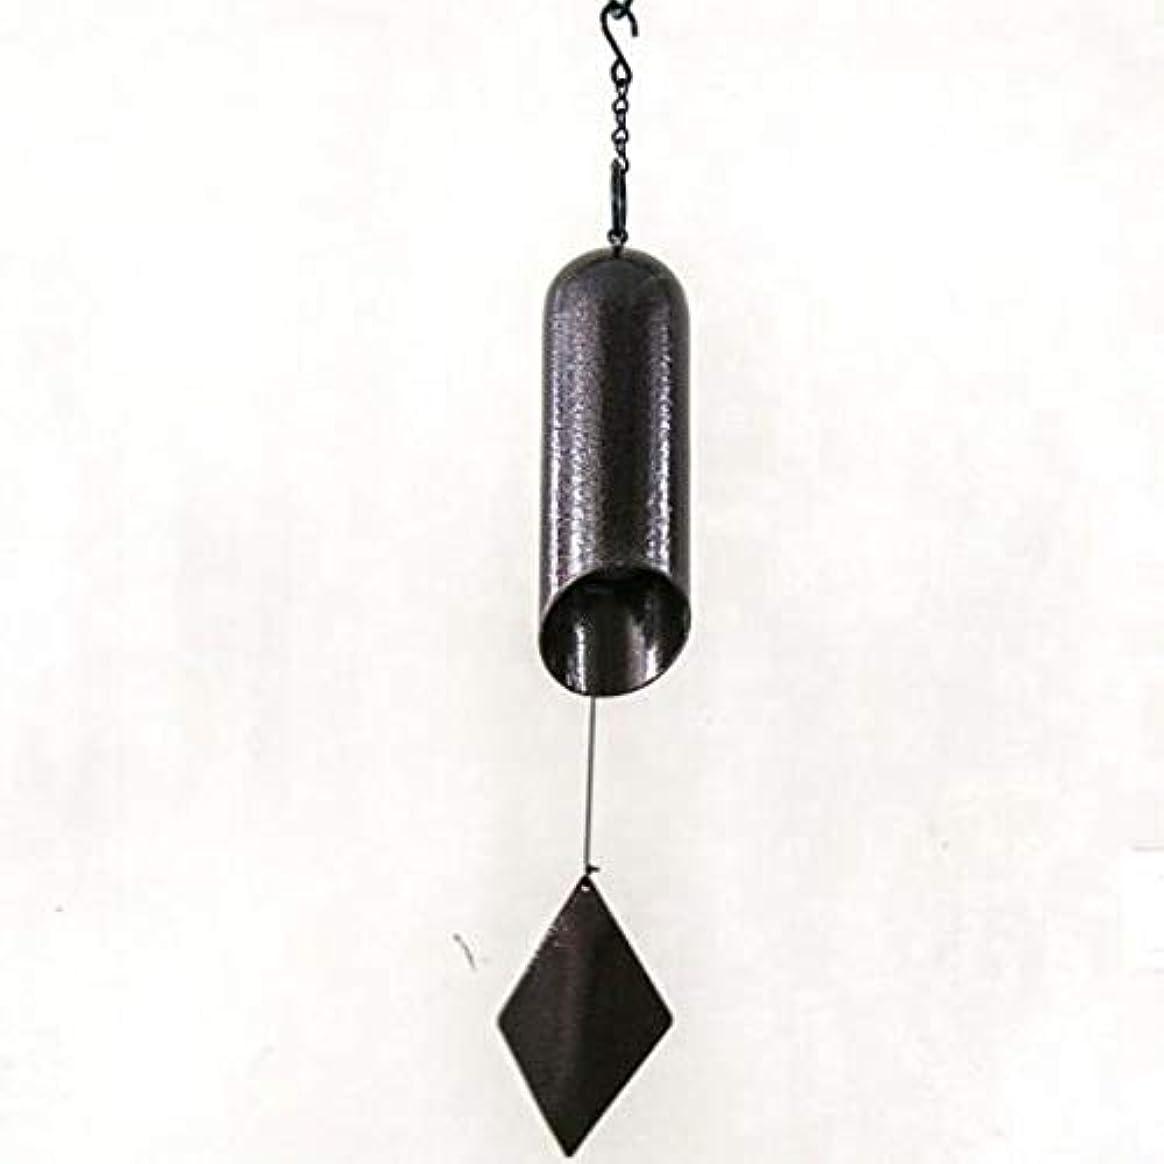 タヒチ同性愛者ラテン風チャイム、手作り円筒鋳鉄シングルチューブ真鍮時計、オリジナルデザインの飾り、ダークブラウン (Size : 62cm)